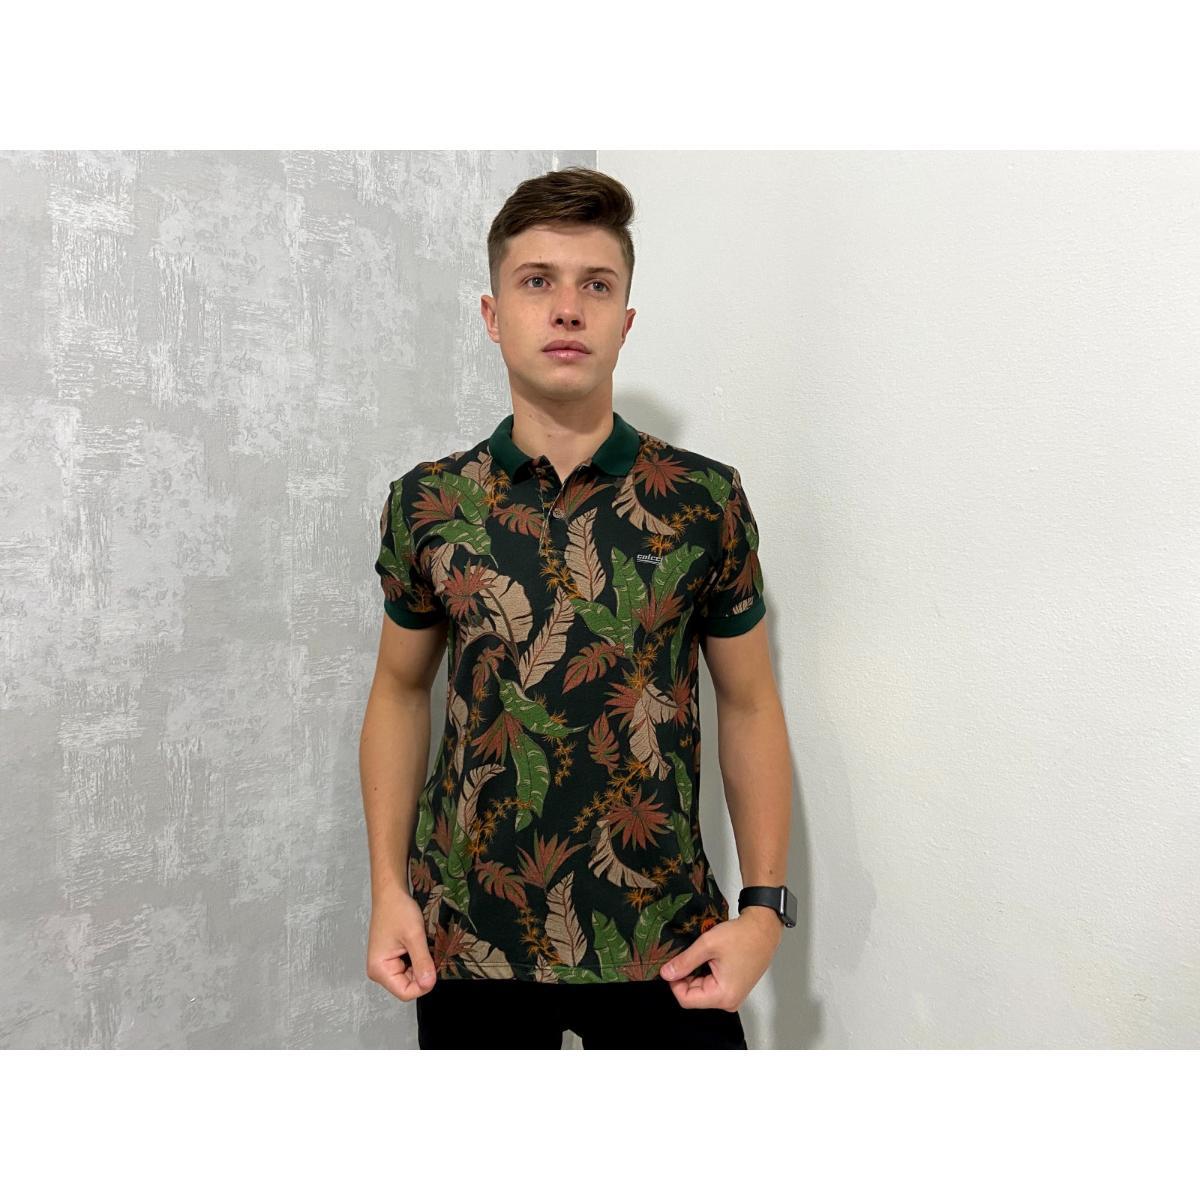 Camisa Masculina Colcci 250102097 Vc55 Preto Floral